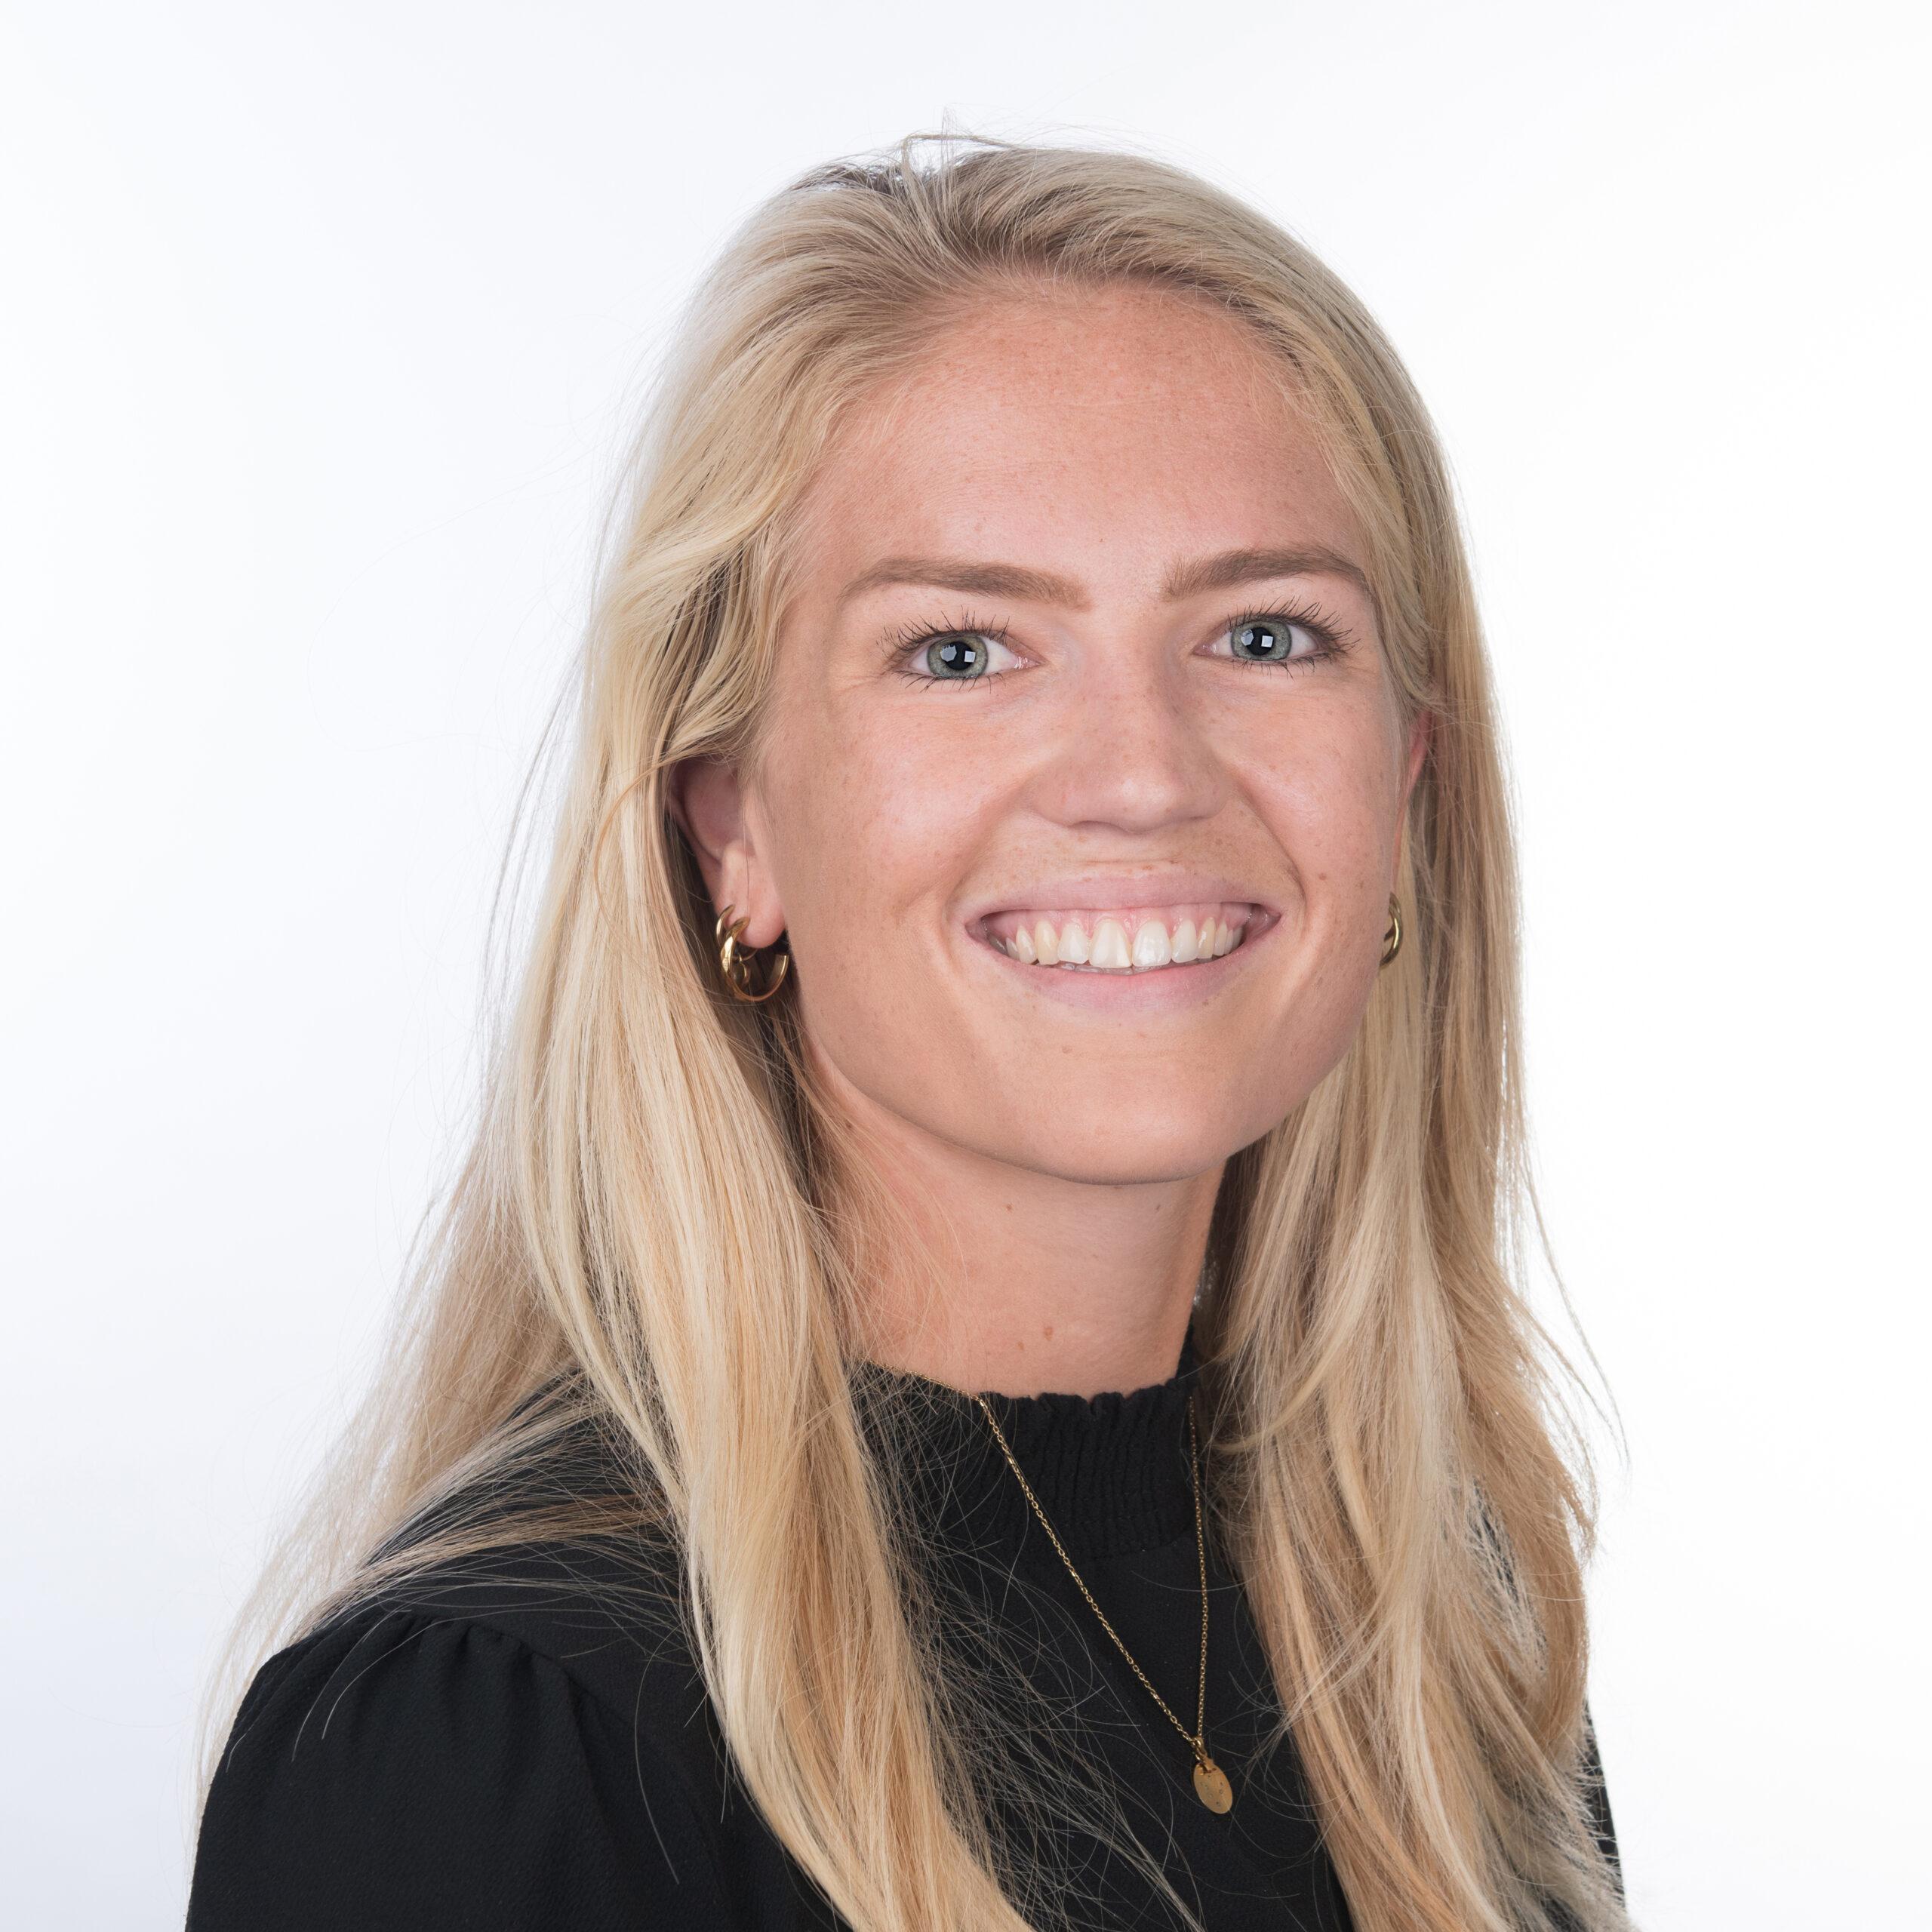 Mandy Veldt